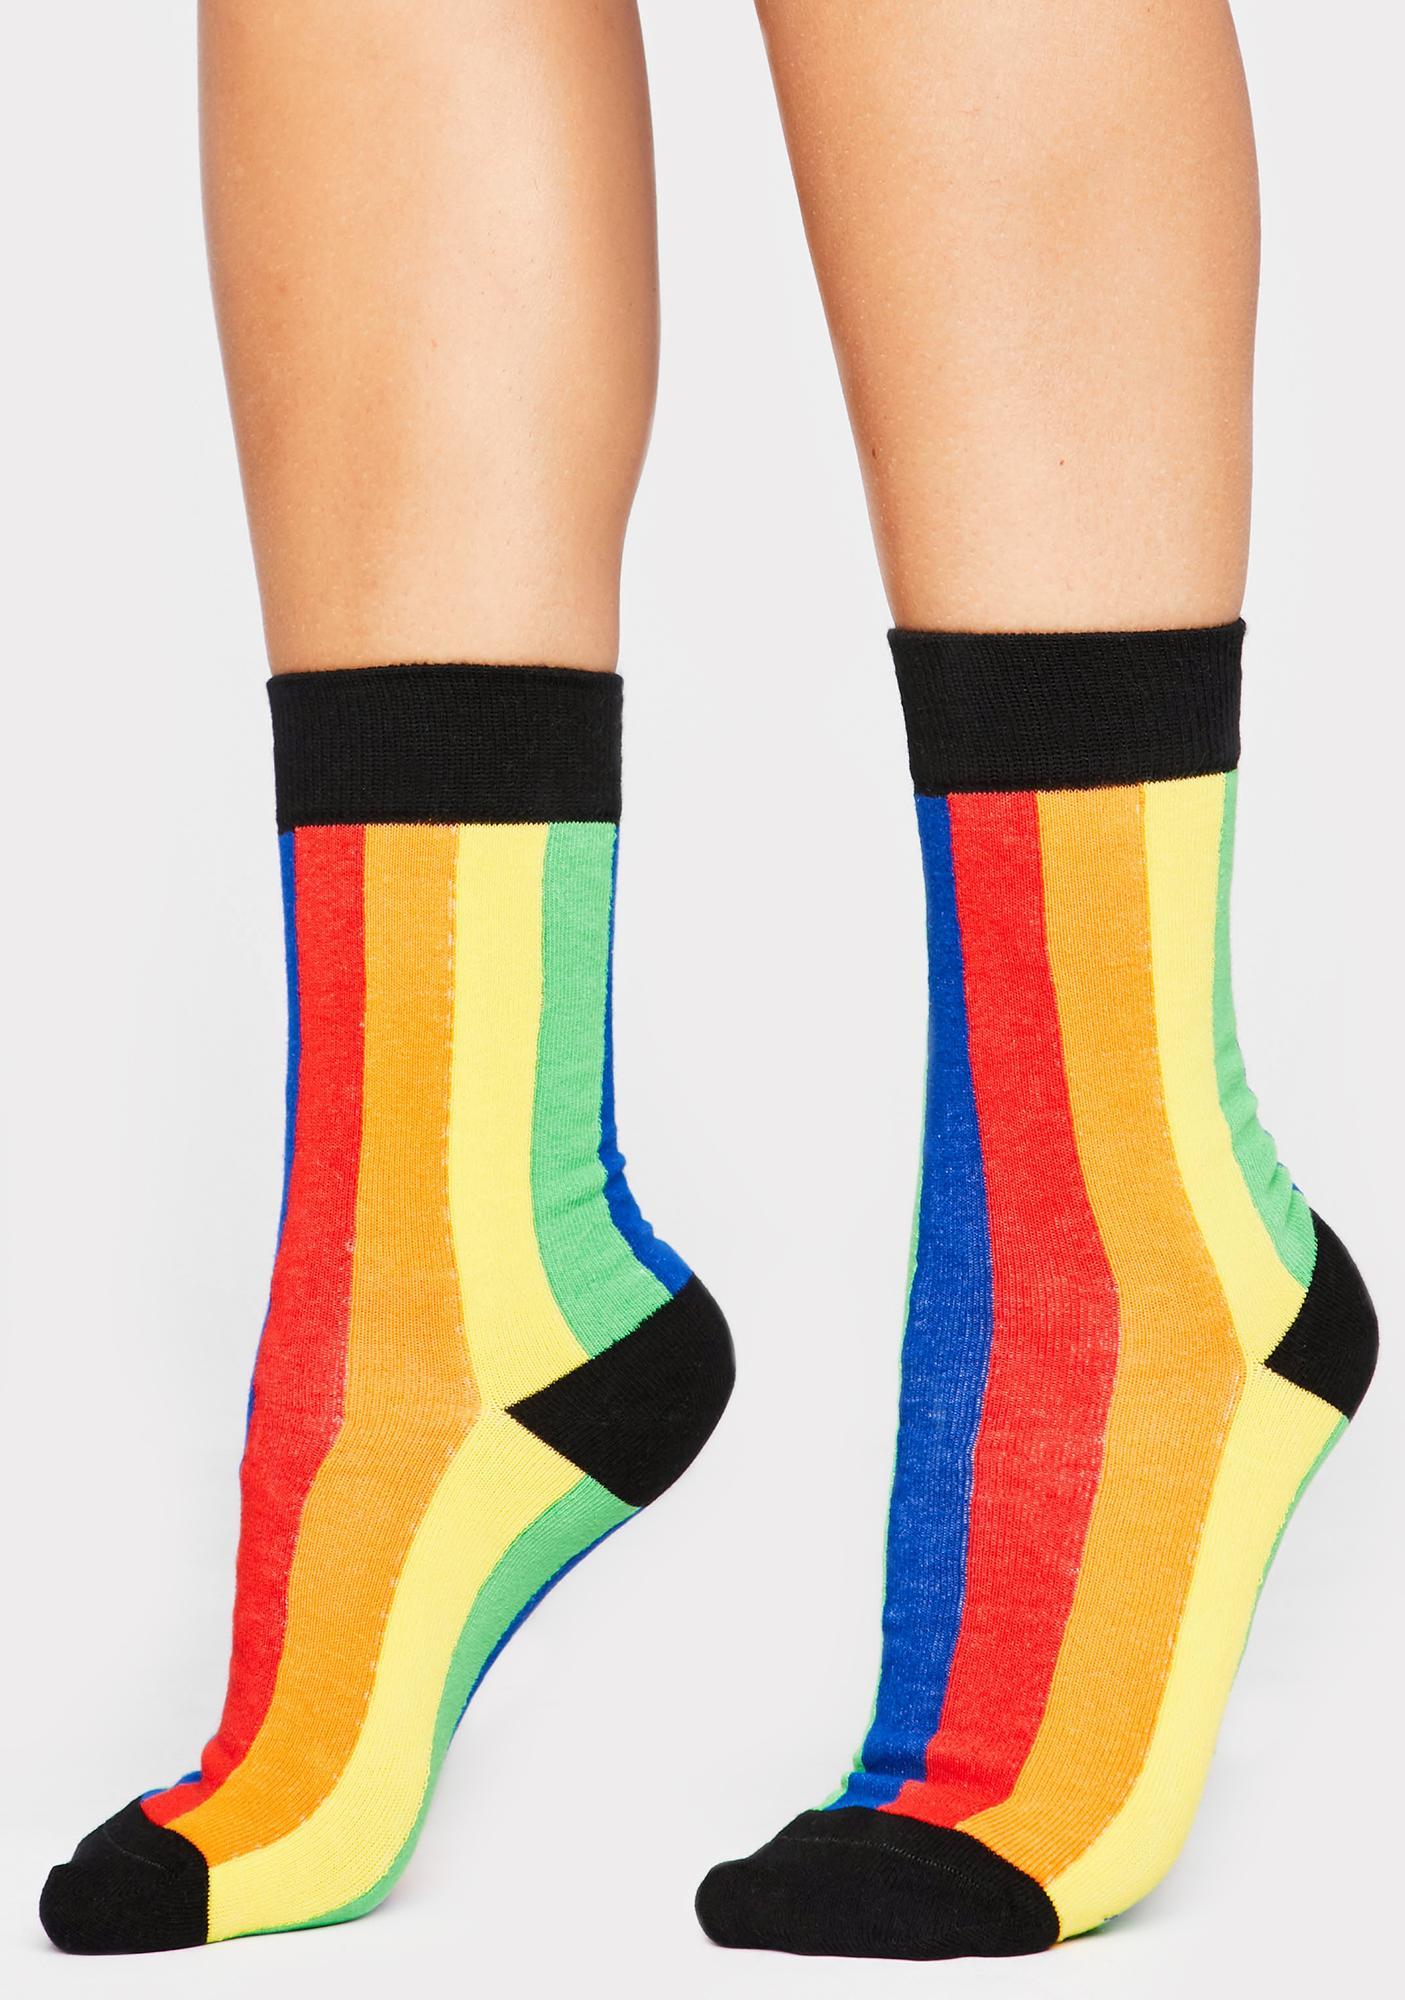 Technicolor Television Crew Socks